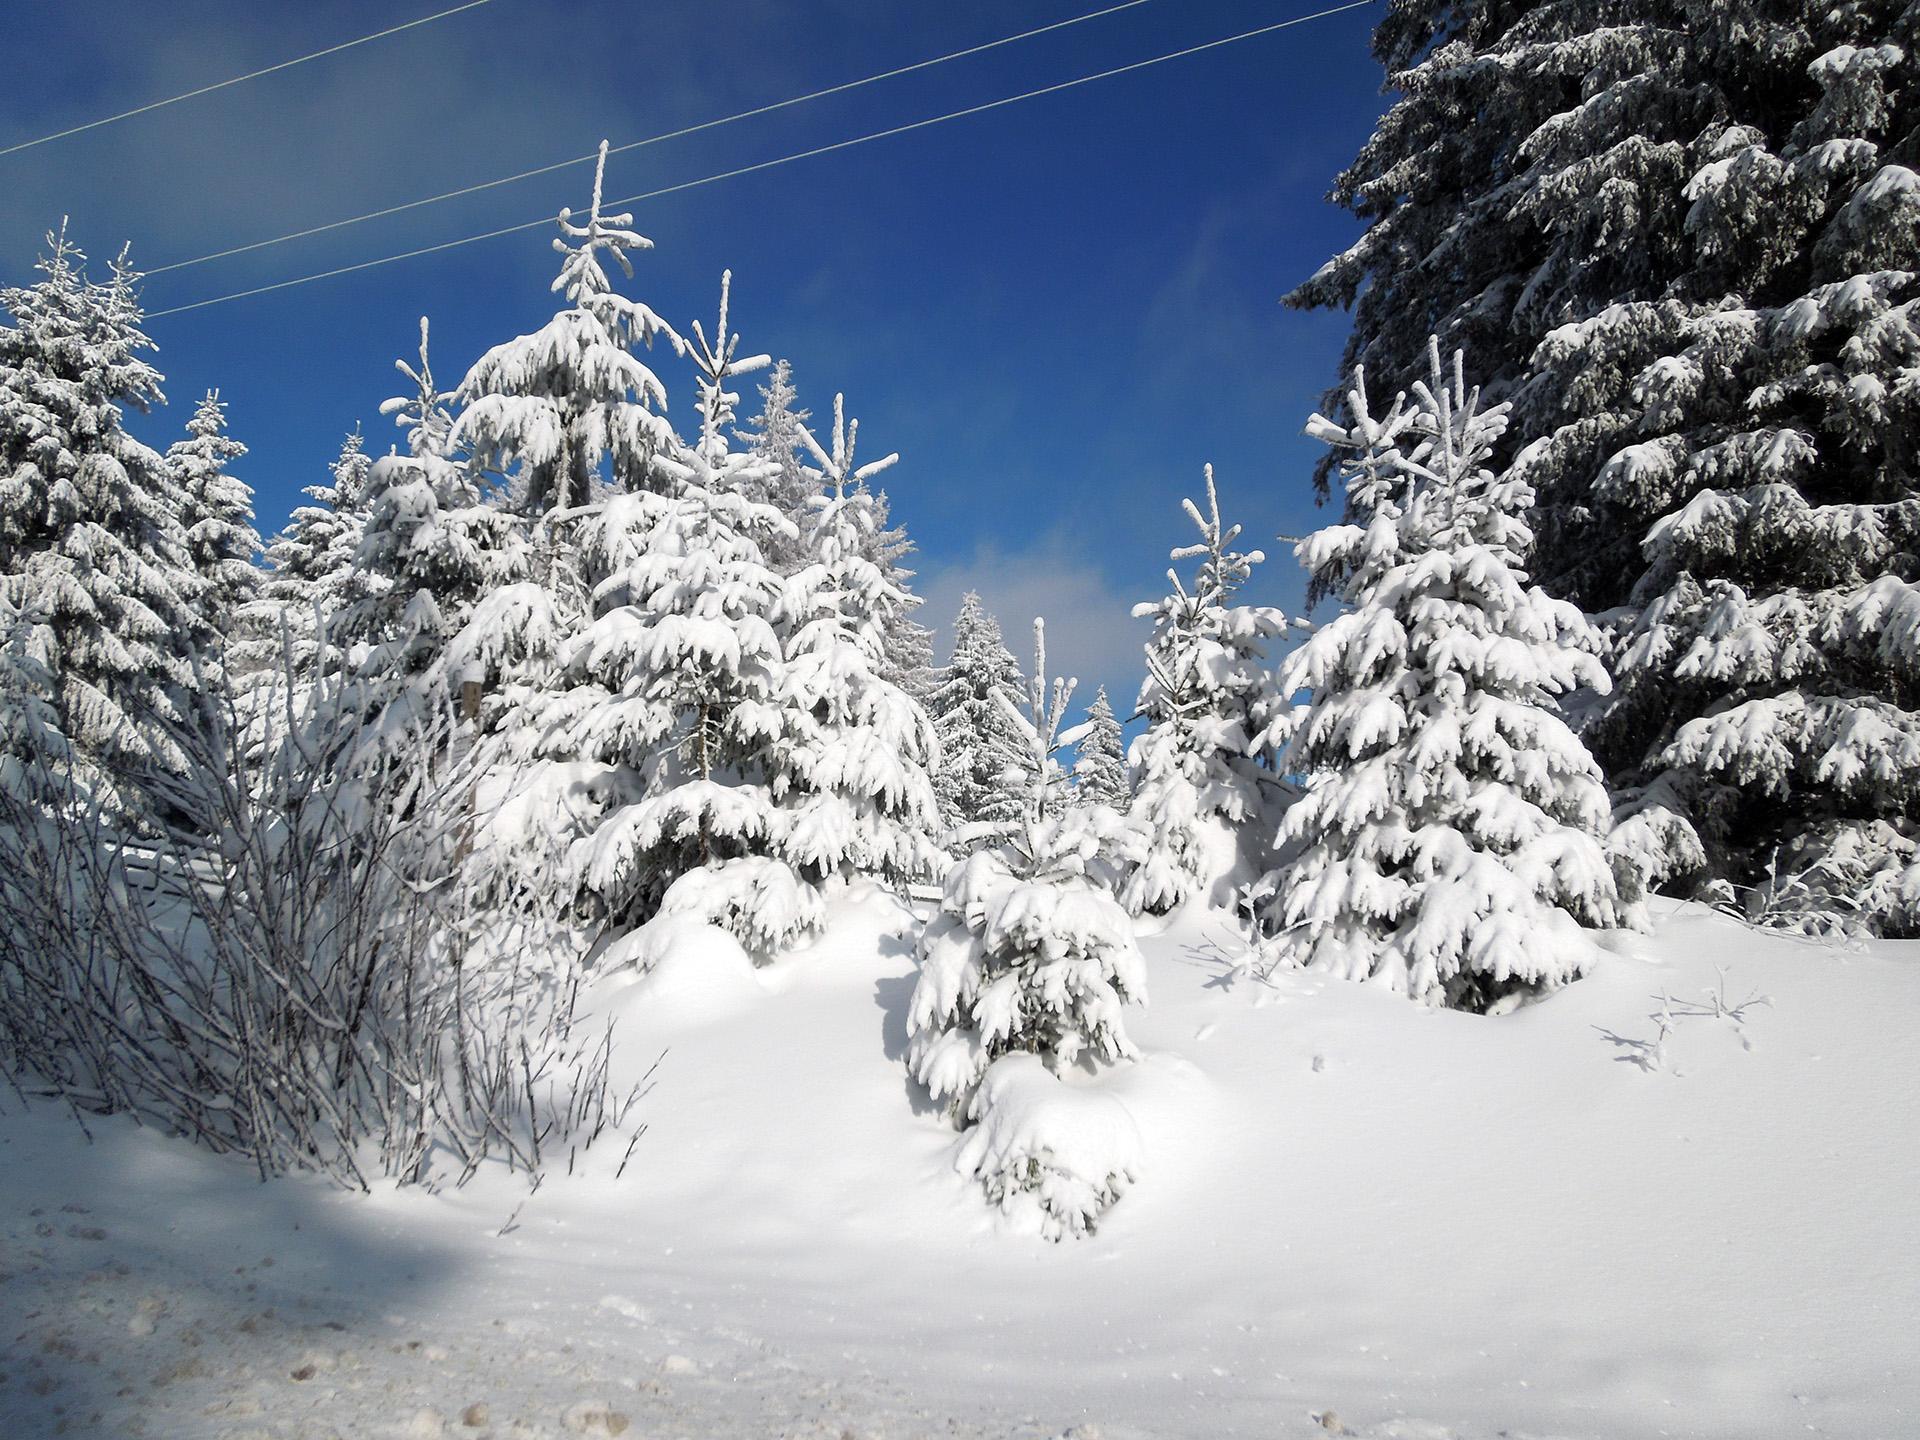 Blockhaus-Bodefall-Umgebung-Bäume-im-Schnee